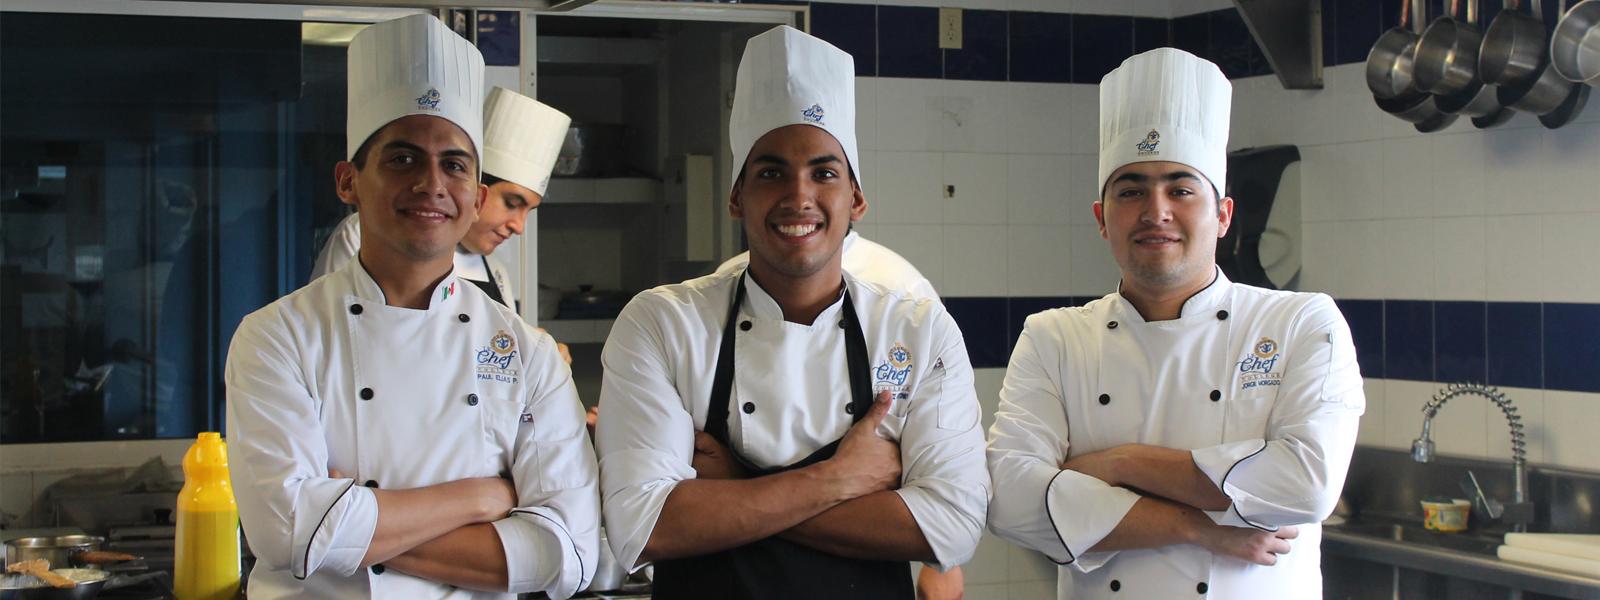 escuelas de gastronomia en veracruz puerto